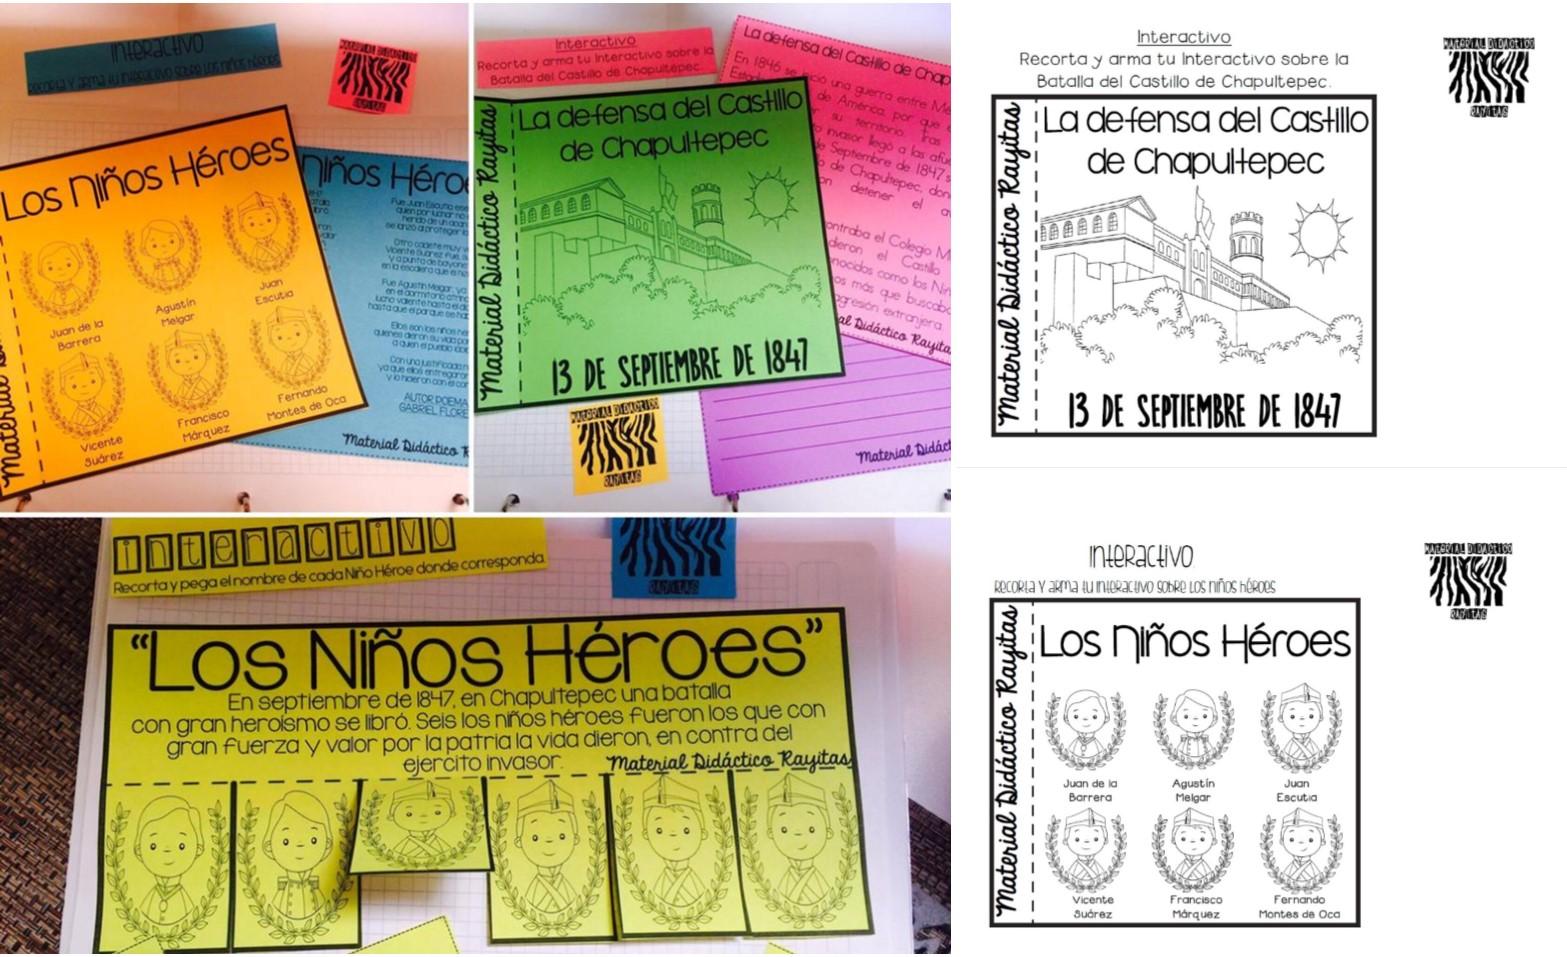 Fabuloso Material Interactivo De Los Niños Héroes Y La Defensa Del